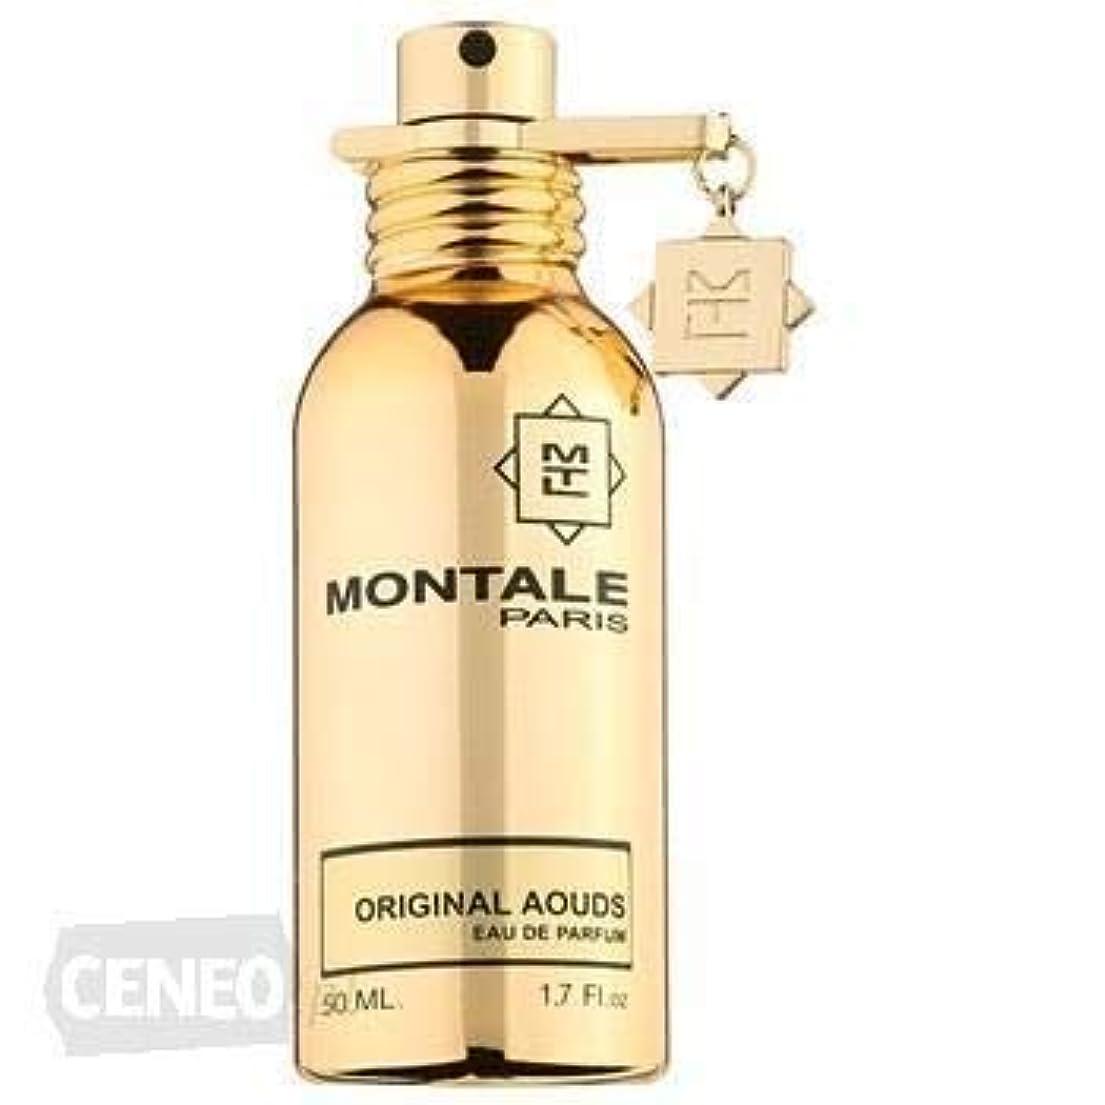 重さ研究インフレーションMONTALE ORIGINAL AOUDS Eau de Perfume 50ml Made in France 100% 本物のモンターレ元 AOUDS オードトワレ香水 50 ml フランス製 +2サンプル無料! + 30 mlスキンケア無料!